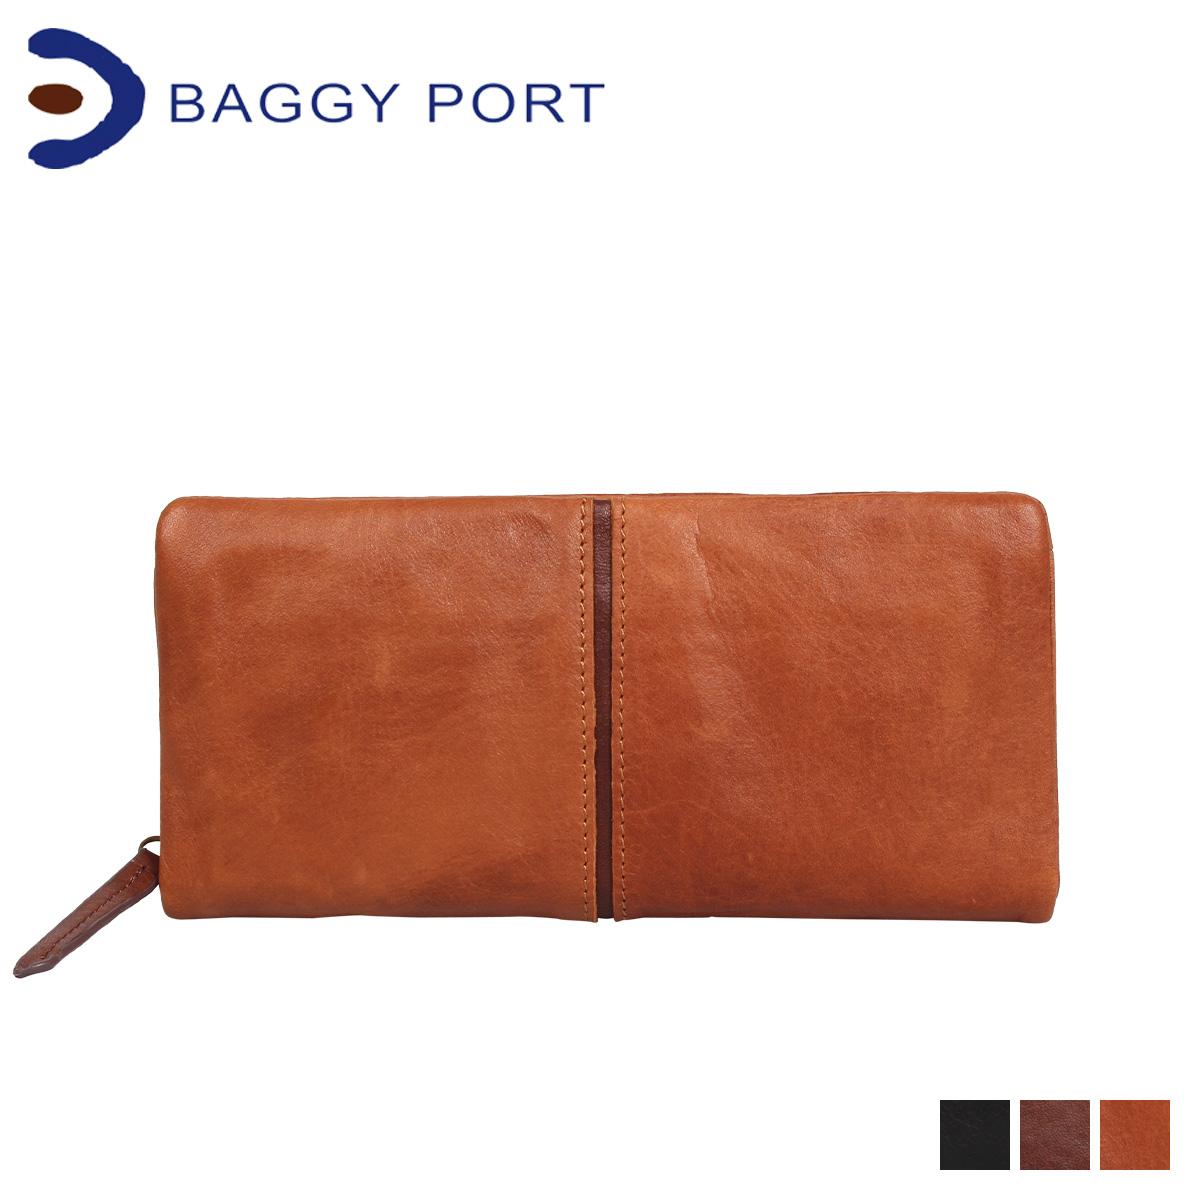 BAGGY PORT バギーポート 財布 長財布 メンズ レディース FULLCHROME ブラック キャメル ブラウン 黒 HRD400